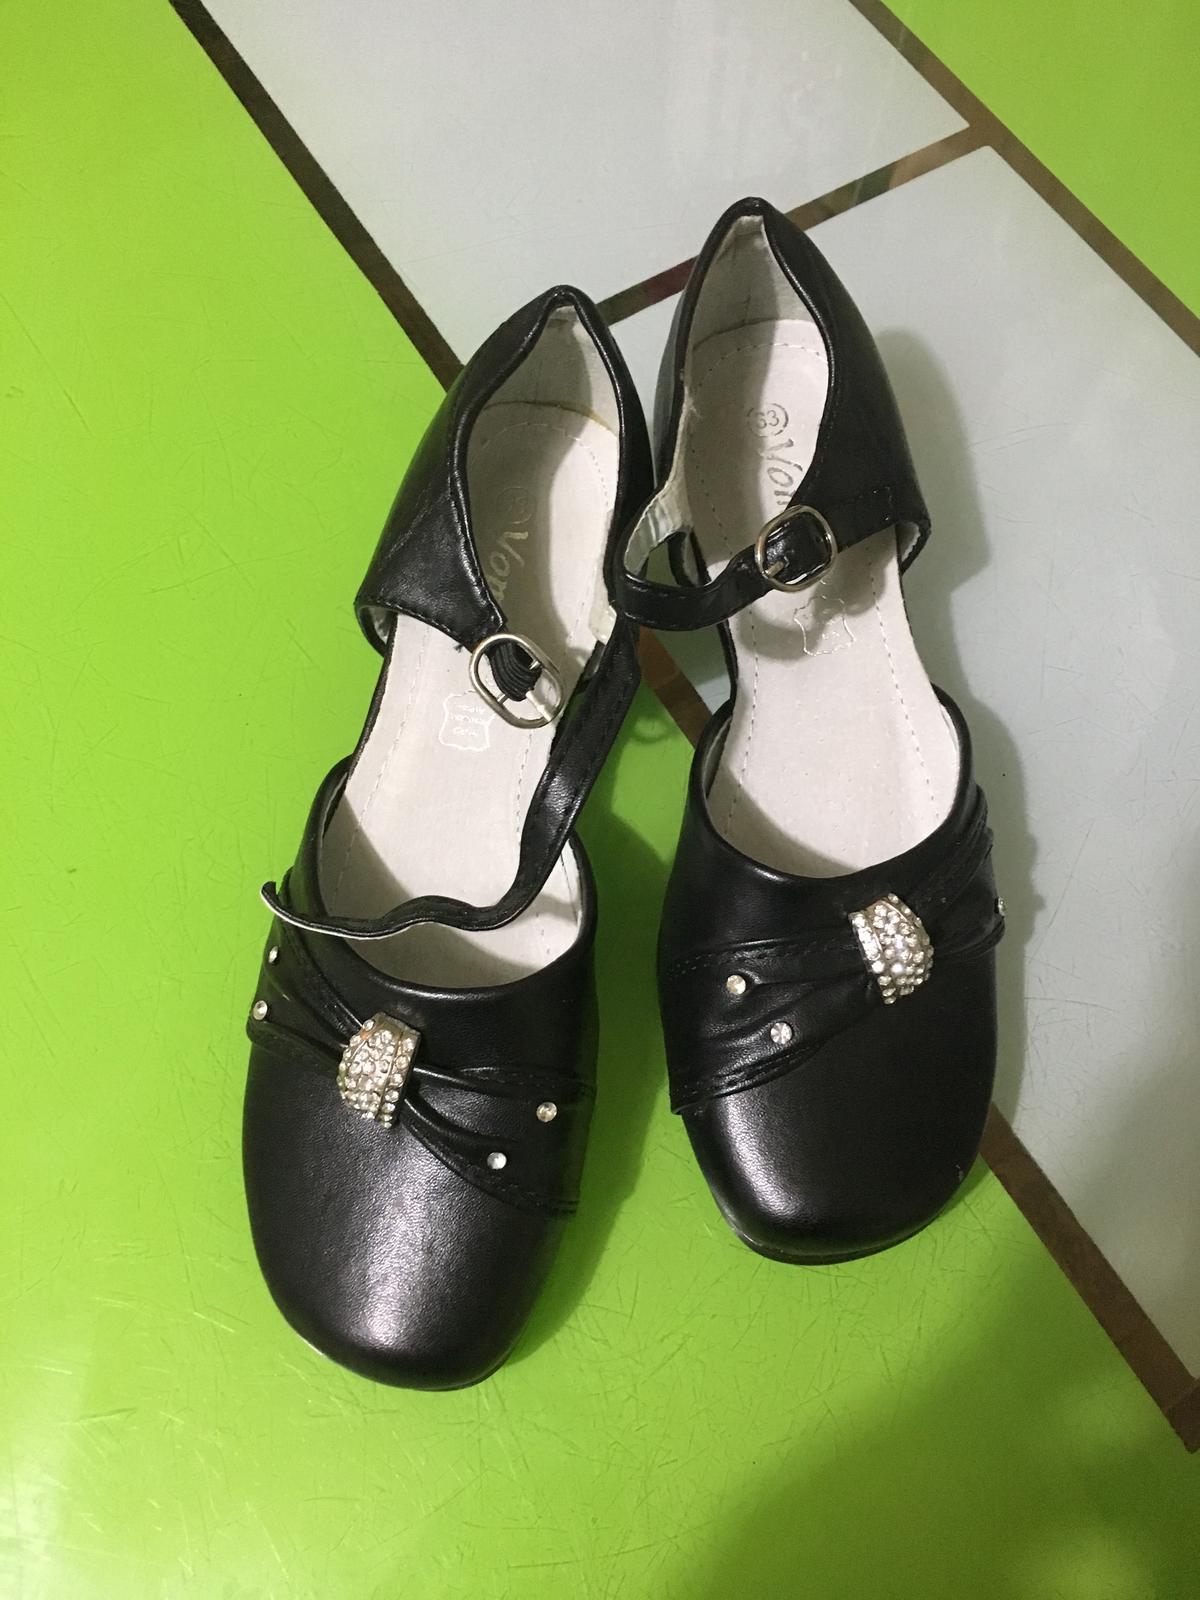 6730bc29568b0 Dievčenské spoločenské topánky , 33 - 5,50 € od predávajúcej shimmyel |  Detský bazár | ModryKonik.sk